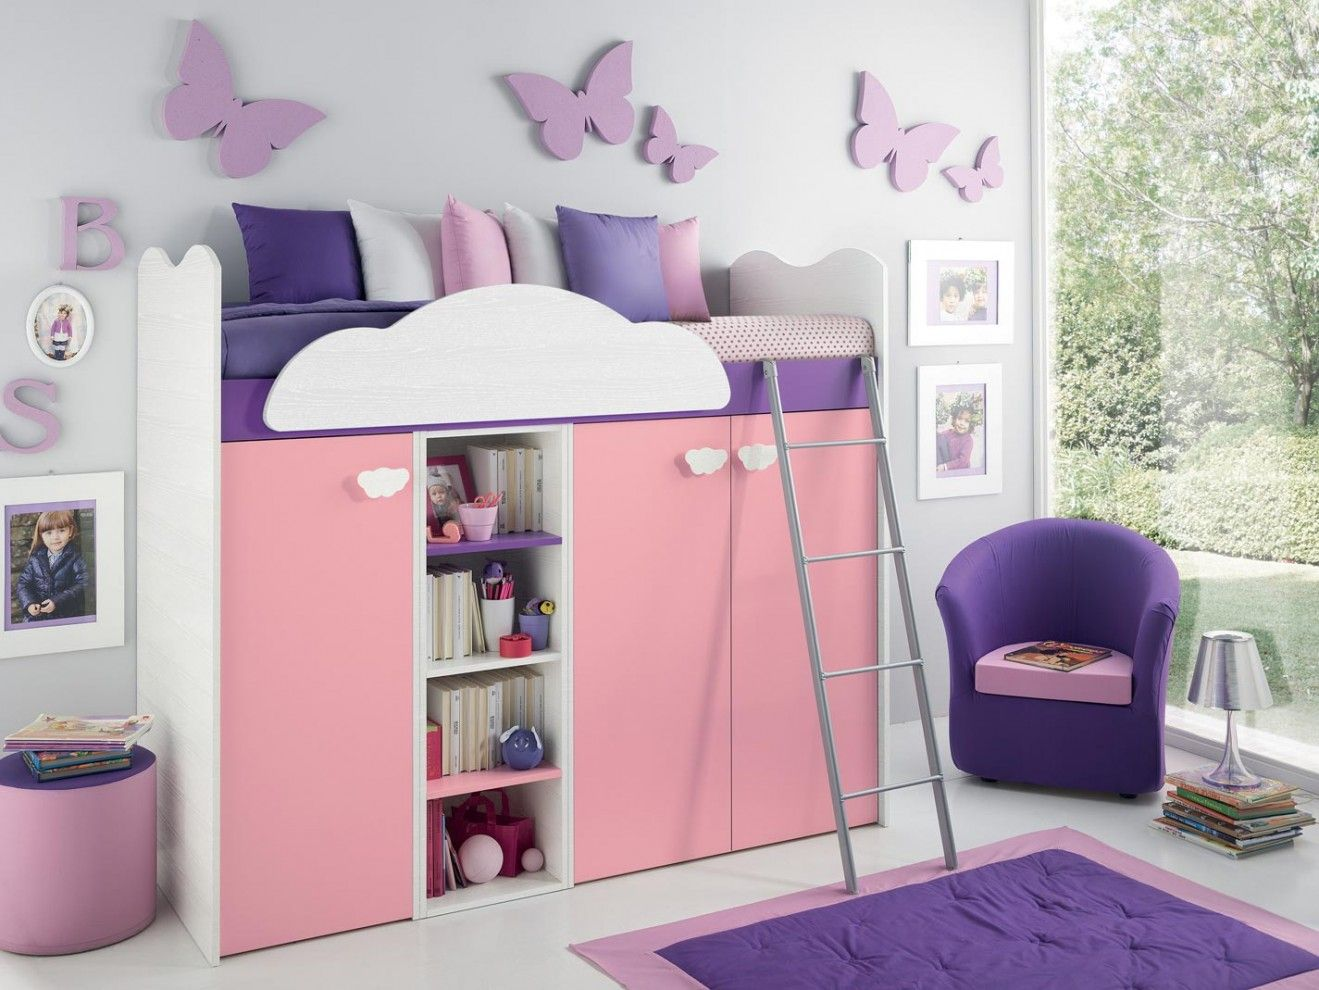 Le camerette per ragazzi e ragazze girotondo offrono - Camere da letto bambina ...